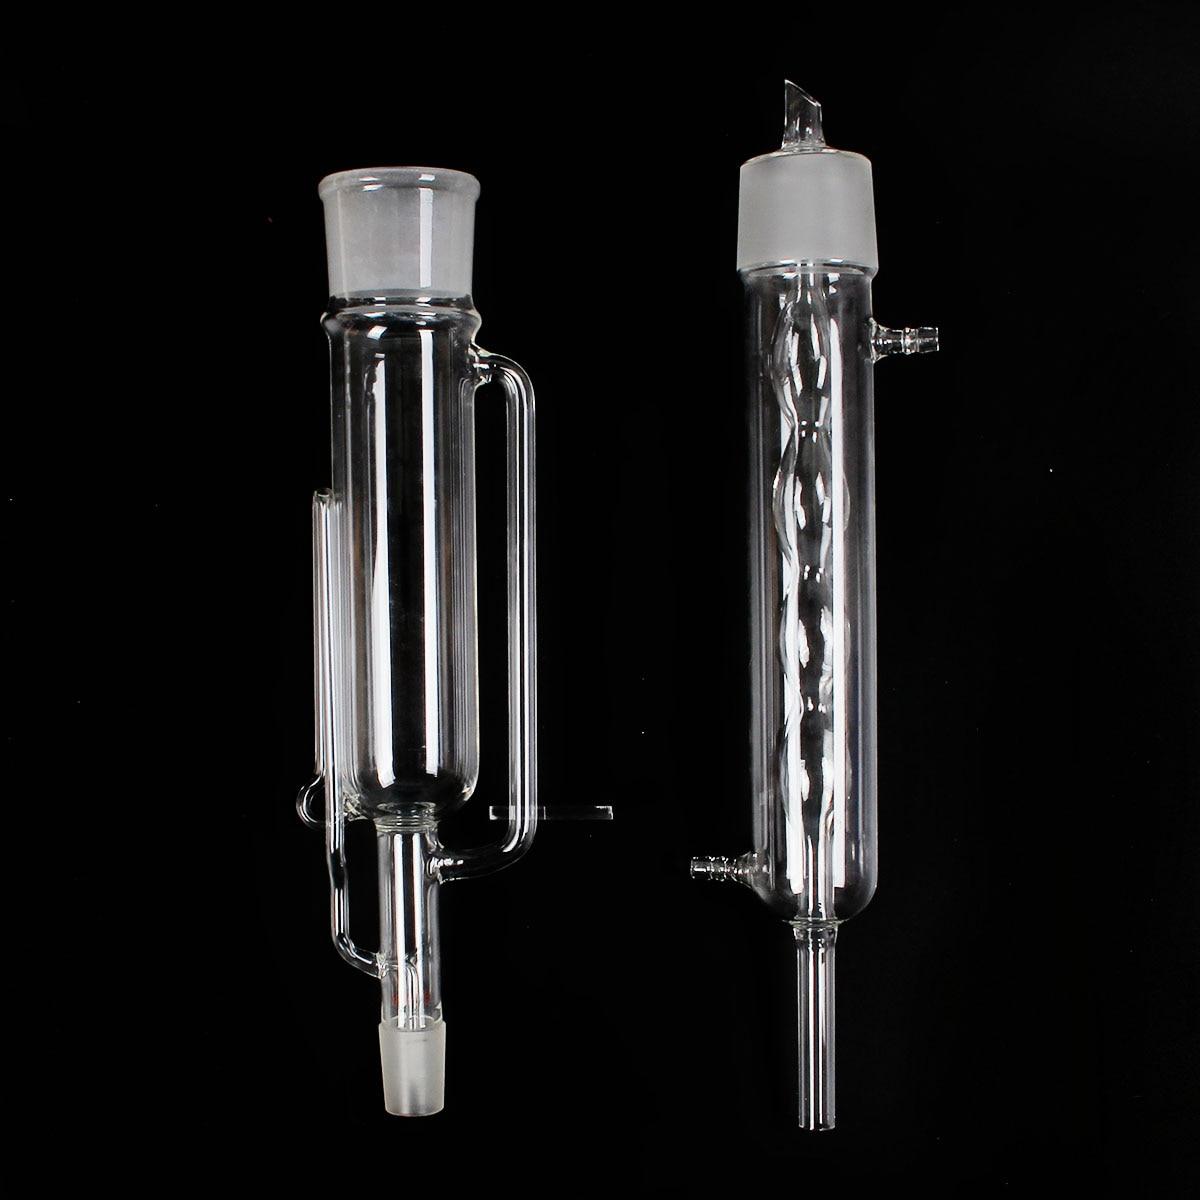 500 ml 24/29 Verre Soxhlet Extracteur Allihn Condenseur Corps Kit de Verrerie de Laboratoire Verrerie Ensemble Fournitures Transparent